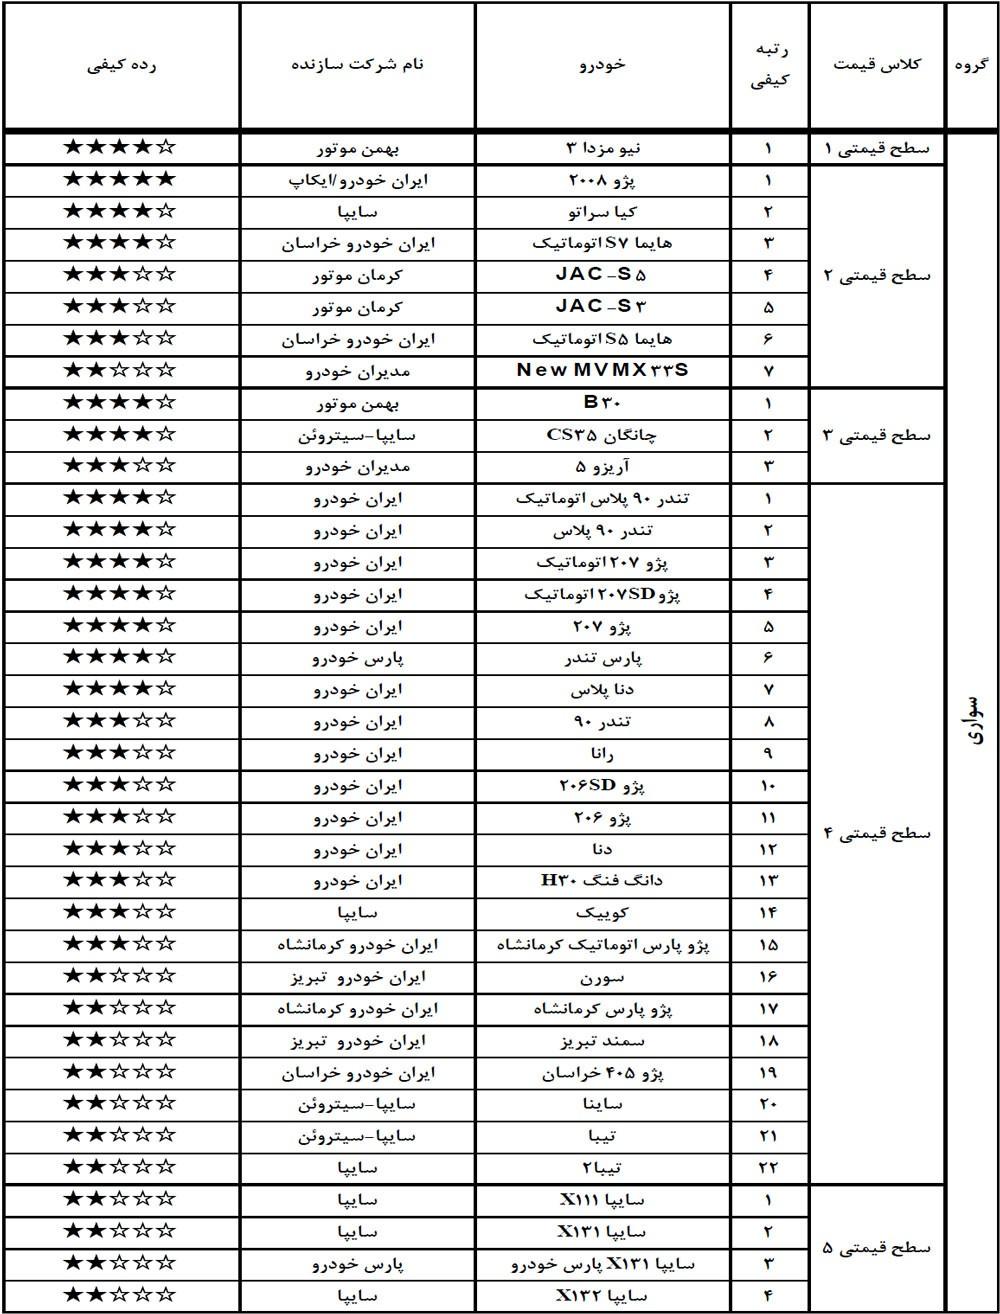 جدول سطوح کیفی خودروهای سواری مرداد 98.jpg